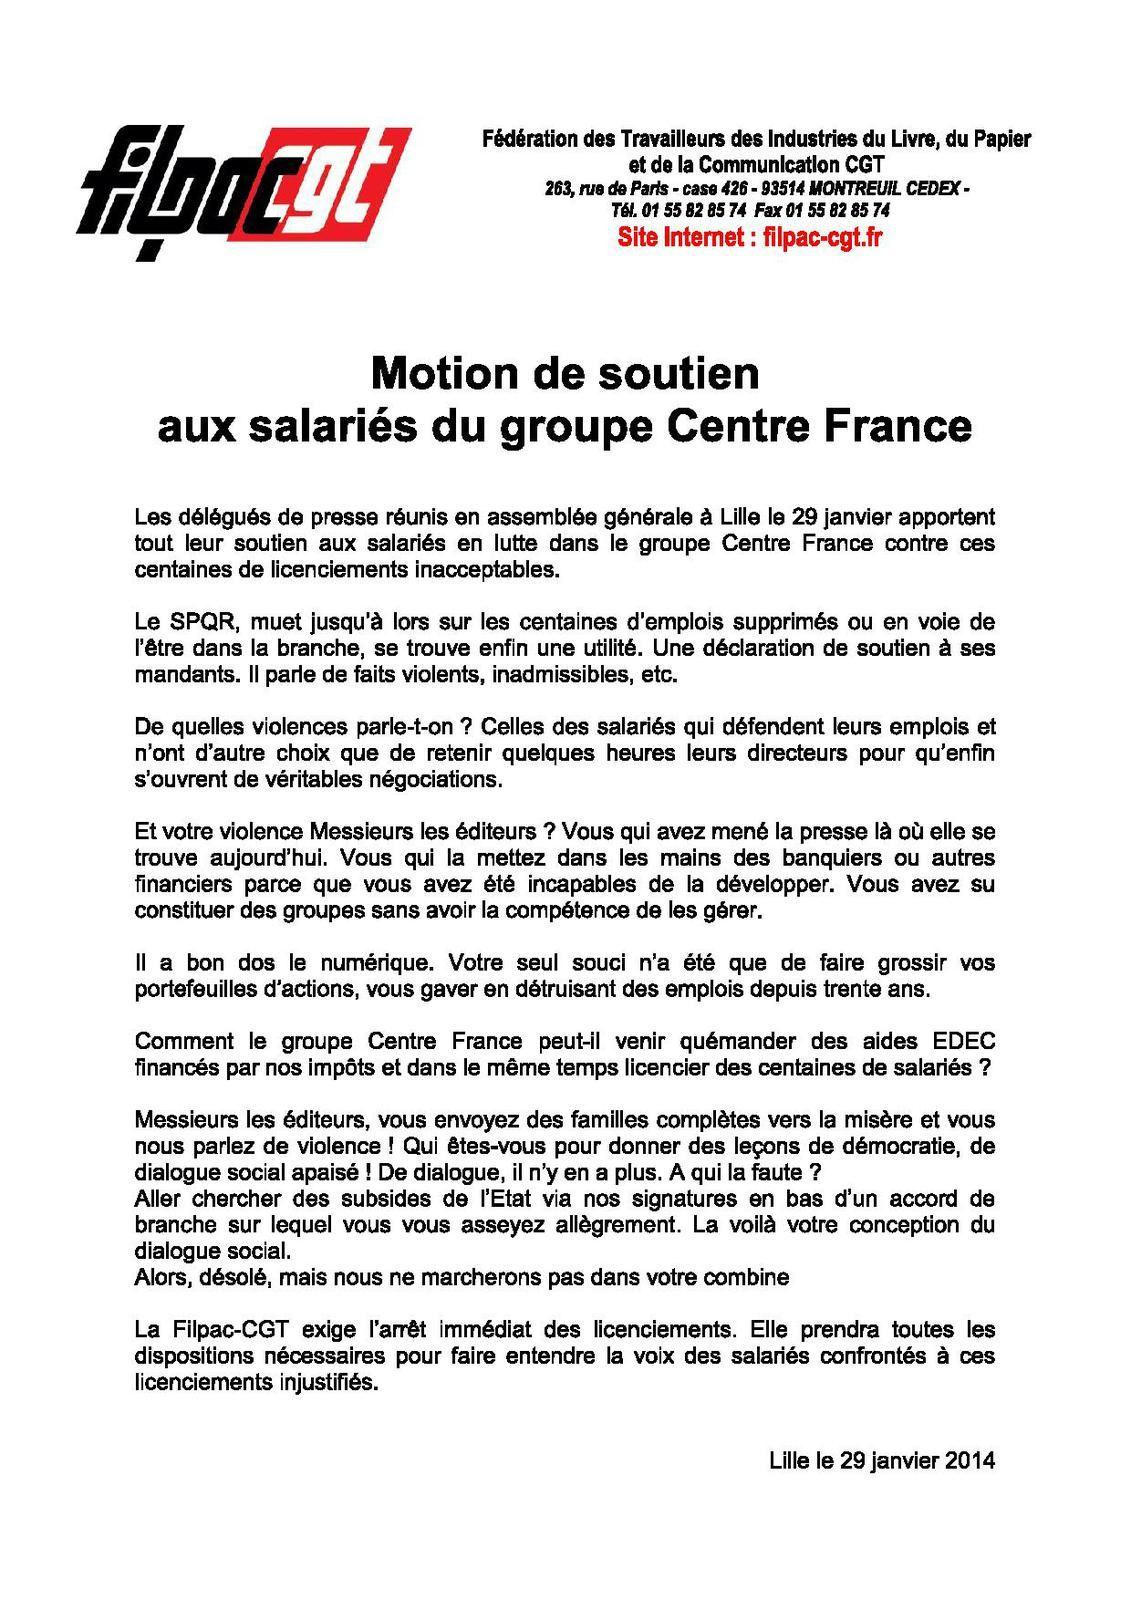 Motion de soutien aux salariés du groupe Centre France